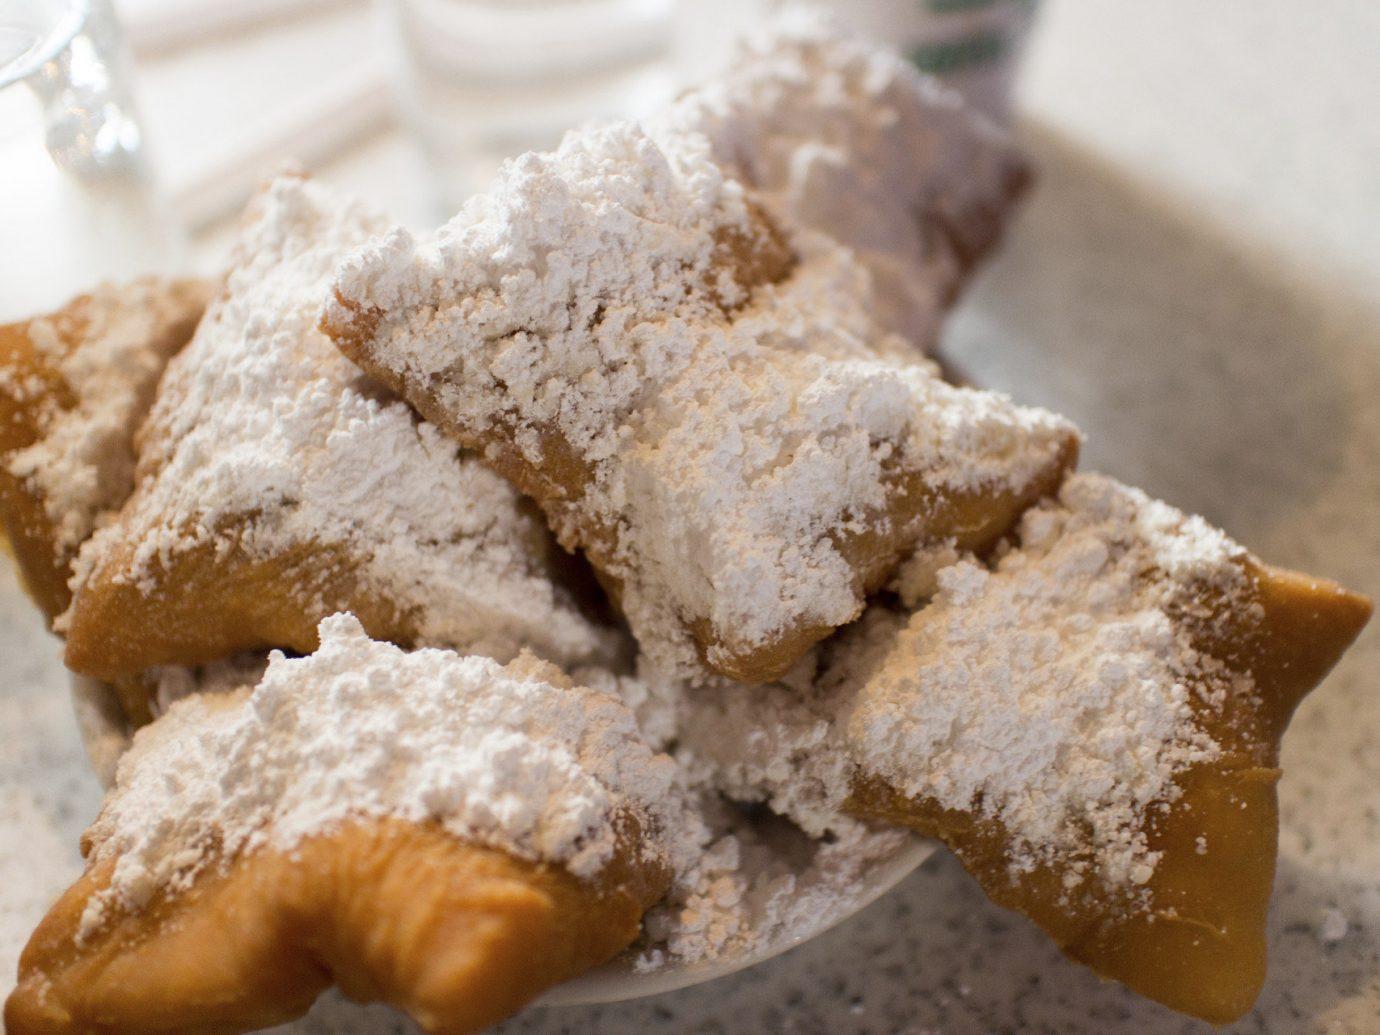 Trip Ideas Weekend Getaways food dish doughnut piece dessert half powdered sugar cuisine baked goods eaten baking beignet snack food sugar flavor close